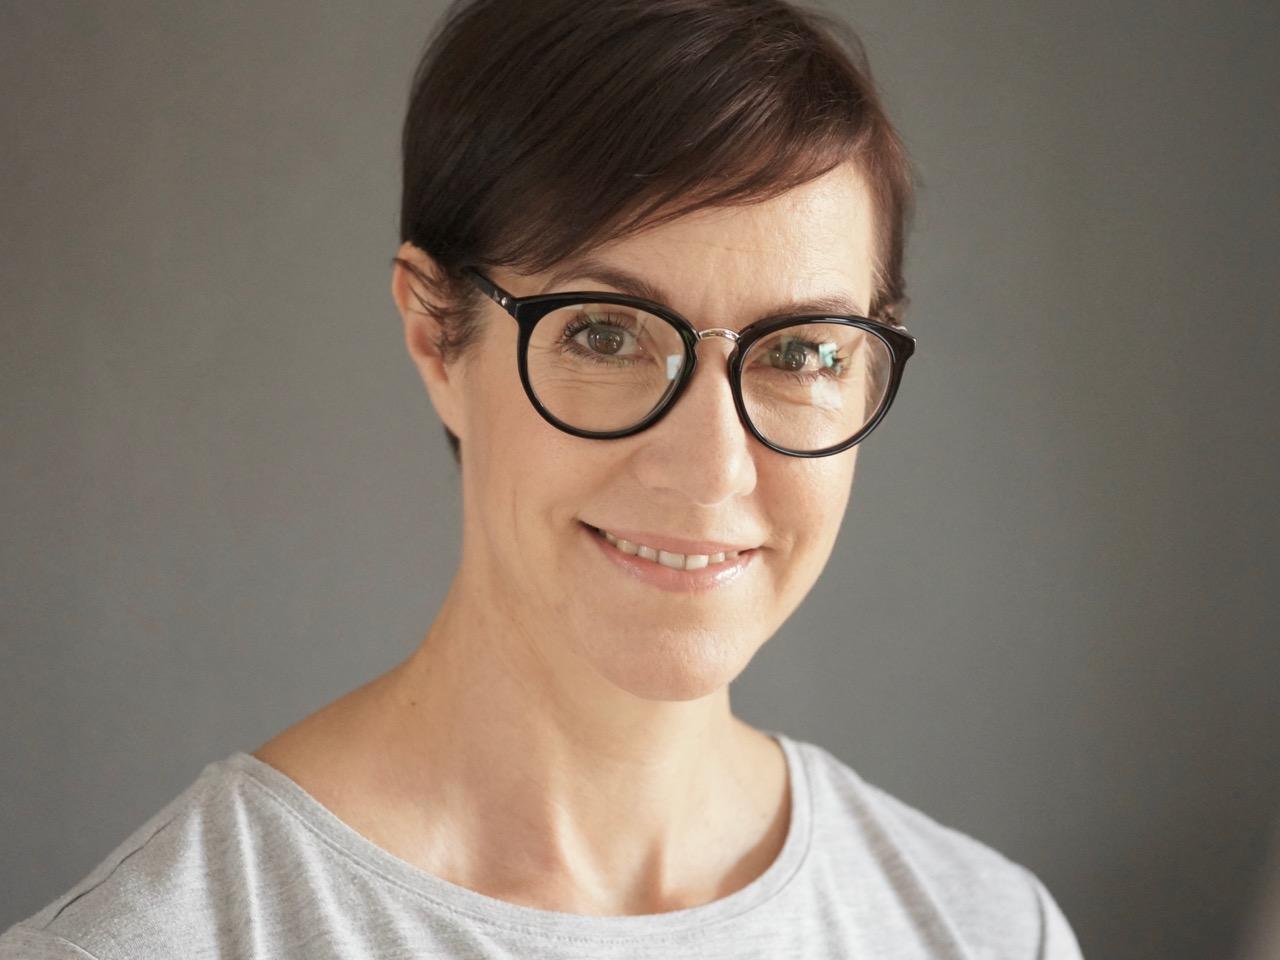 Brillenmodetrends 2017 - welche Formen, Farben und Fassungen - wem steht welche Brille - im Schminktantenblog.